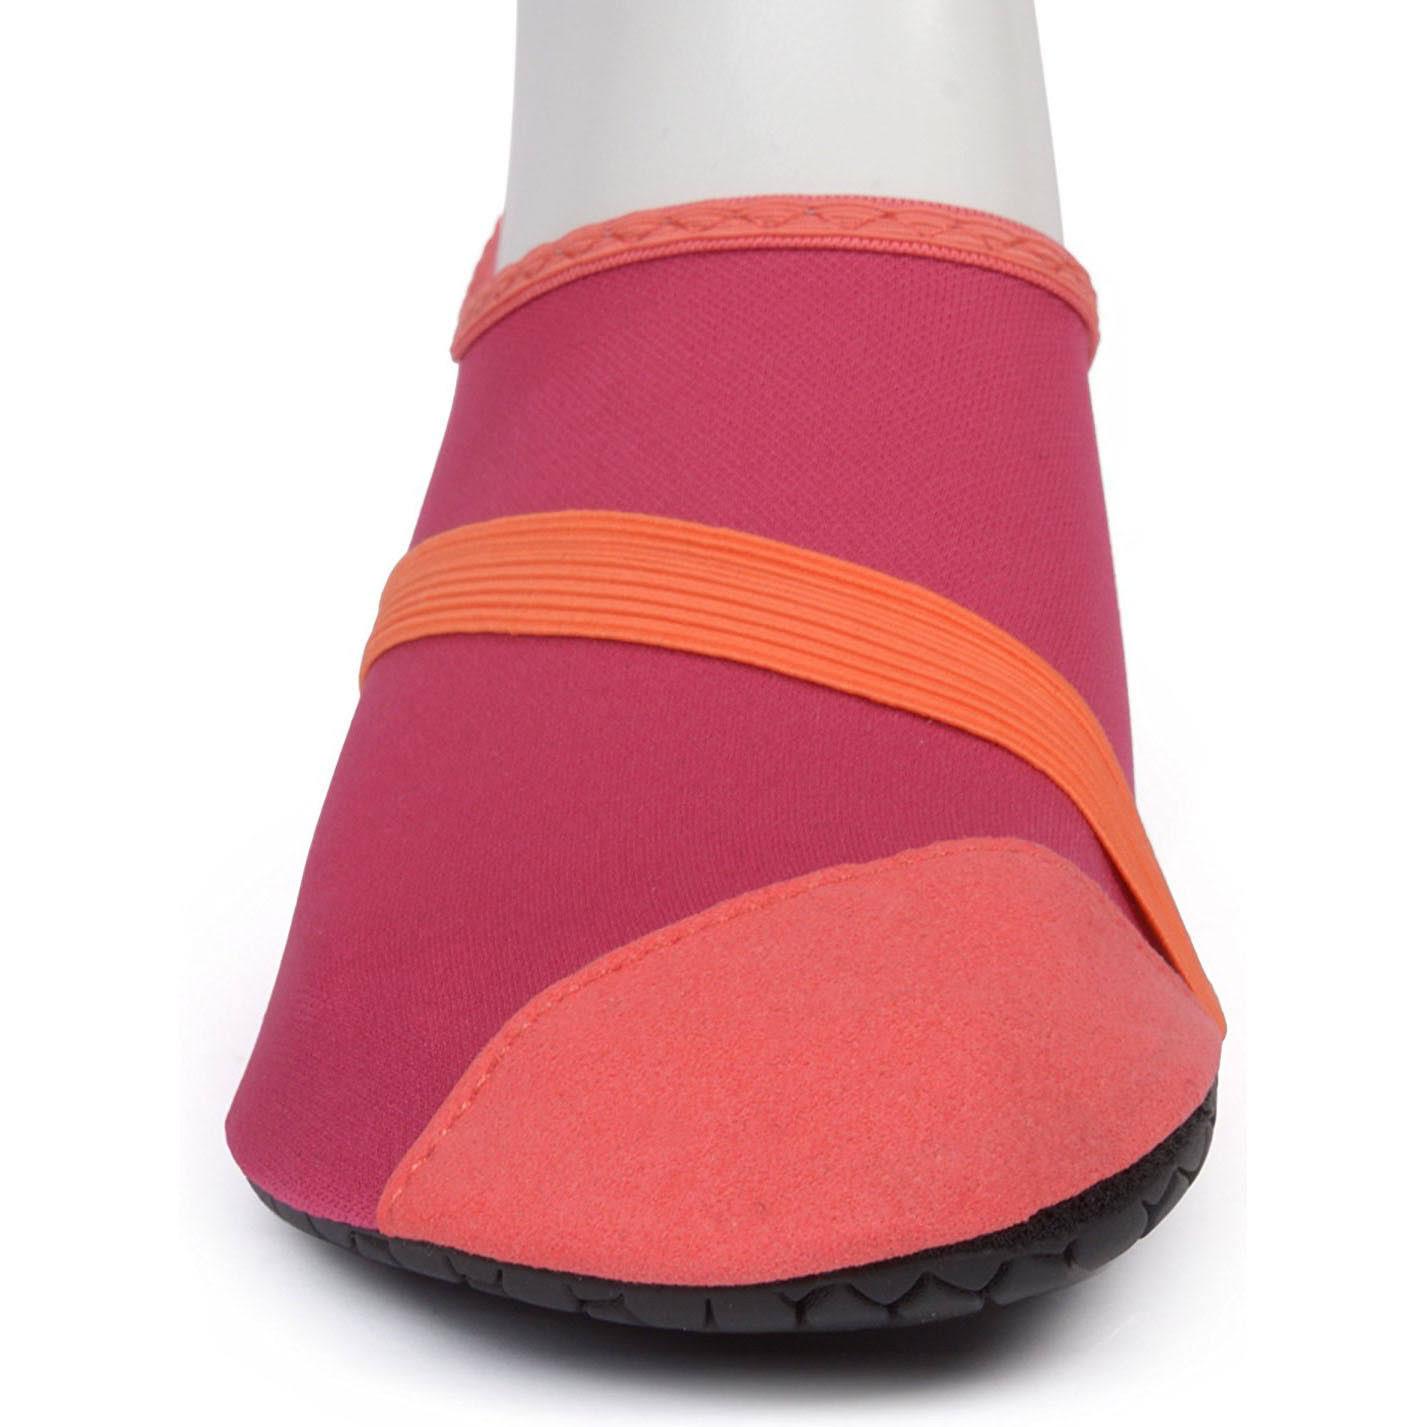 Footwear Footwear Footwear Pinkklein FitkicksActive FitkicksActive FitkicksActive Pinkklein FitkicksActive Footwear Pinkklein F1JlcTK